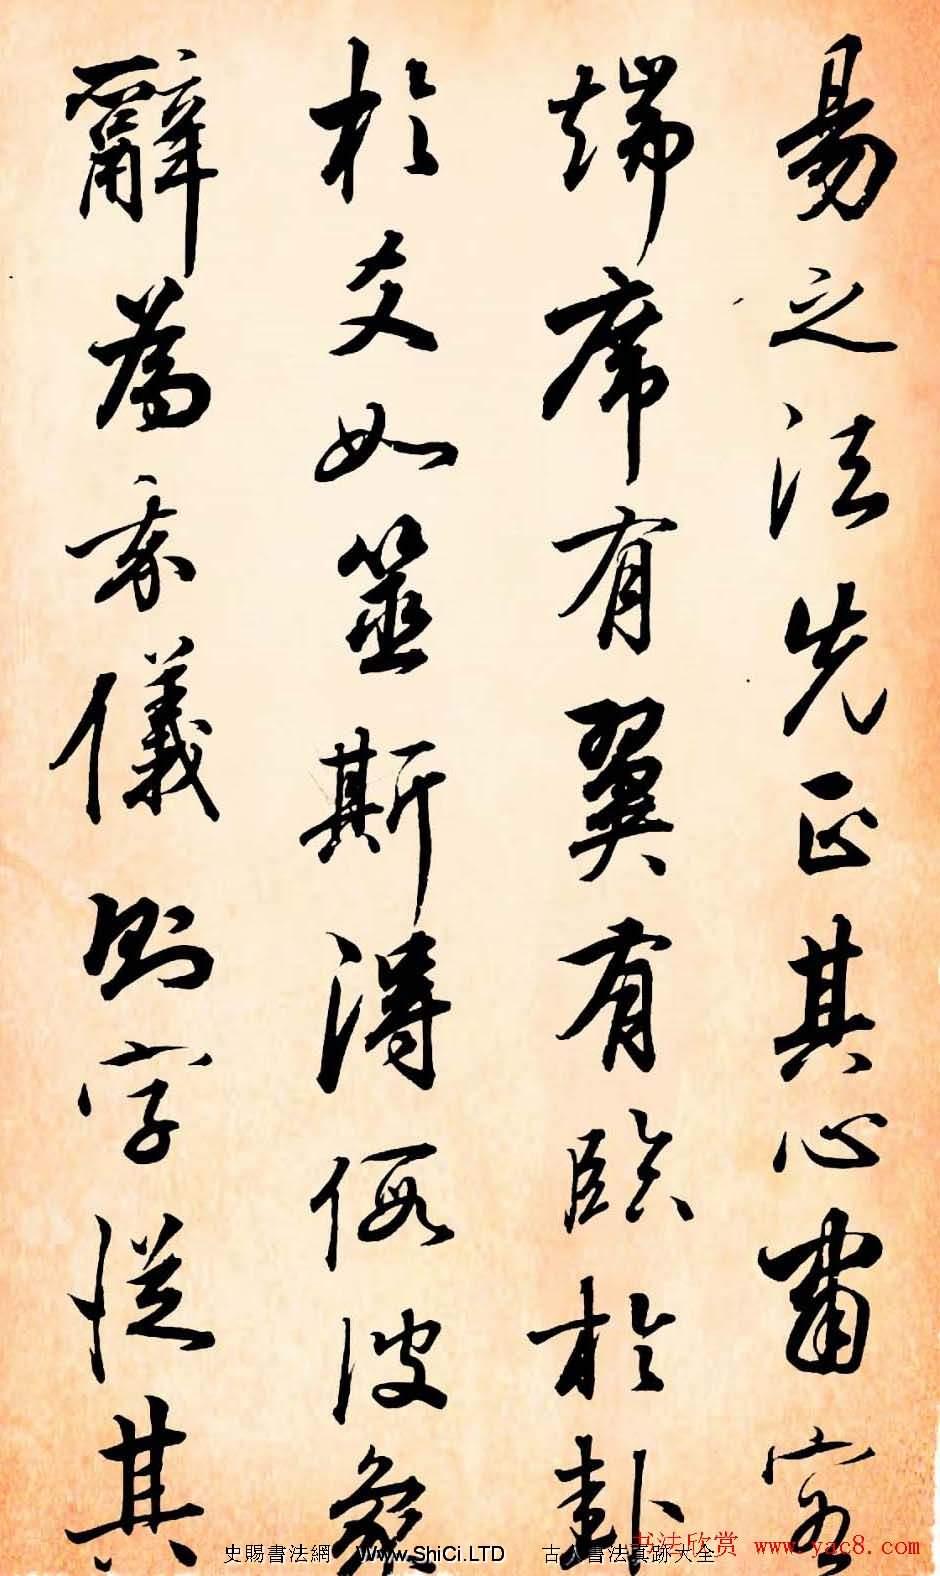 張照行書字帖賞析易經冊(共12張圖片)